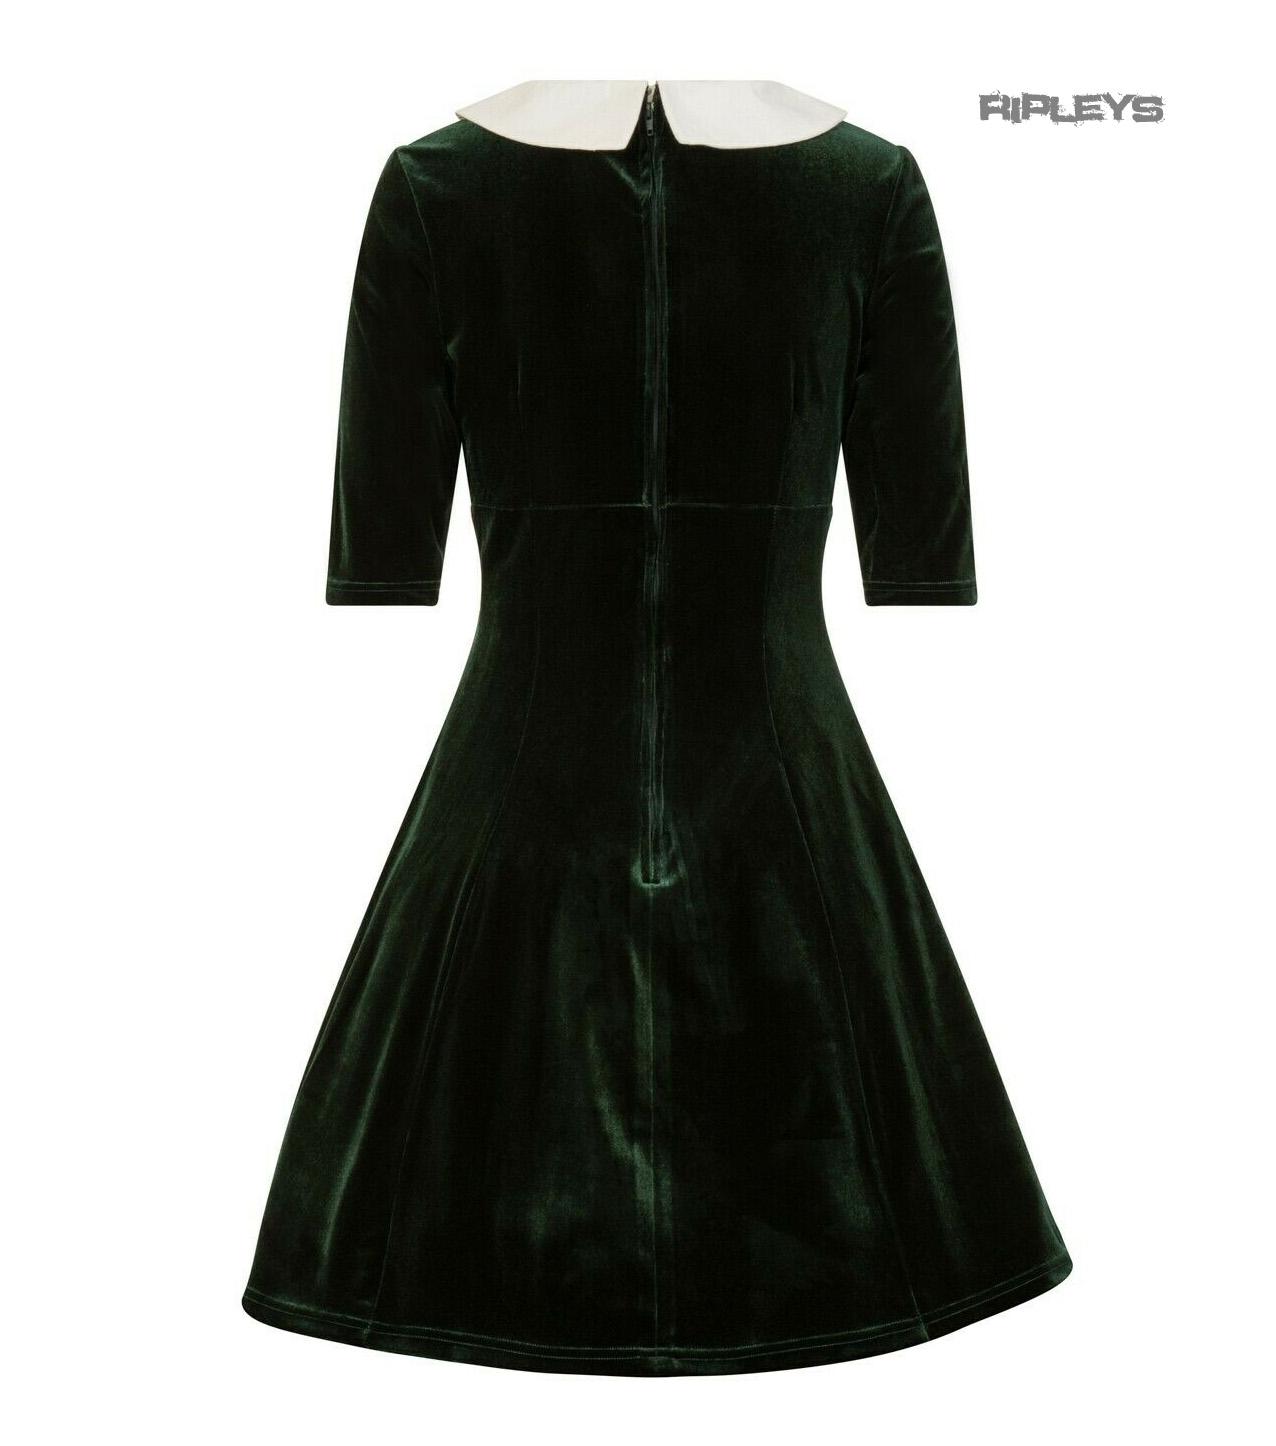 Hell-Bunny-Mini-Skater-Dress-Festive-Christmas-NICOLA-Green-Velvet-All-Sizes thumbnail 24